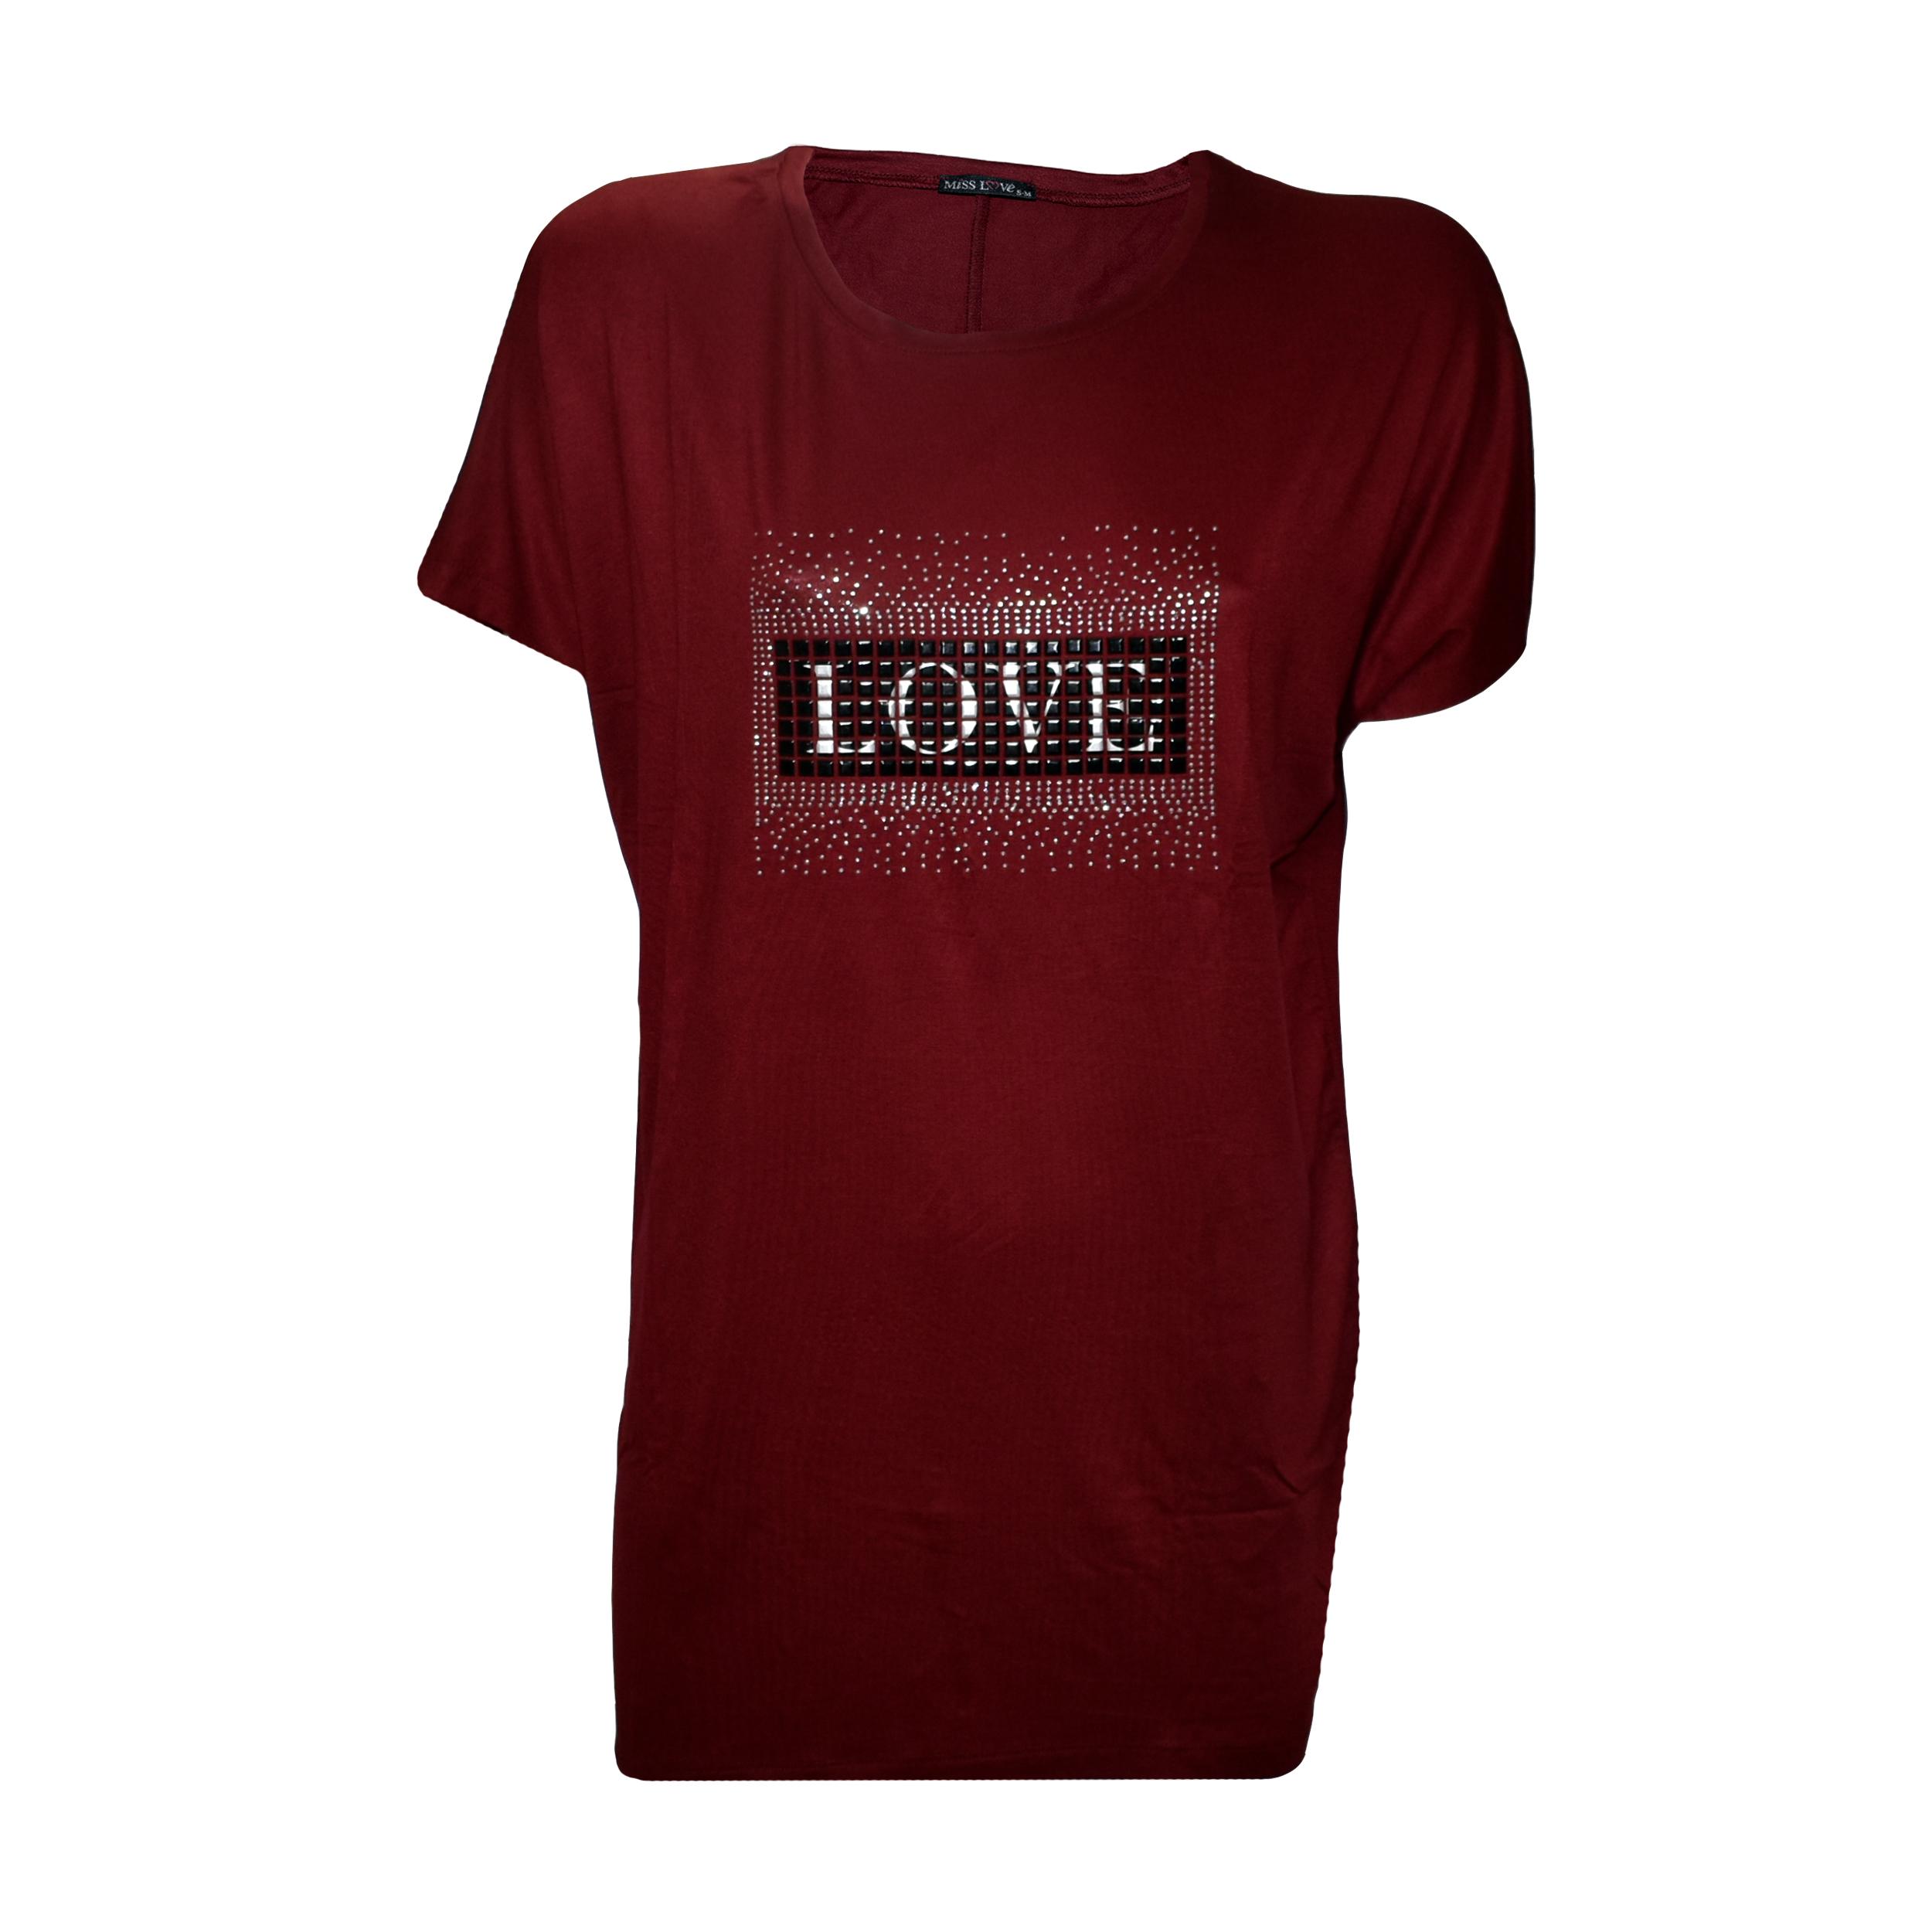 تی شرت زنانه میس لاو کد ۵۵۵